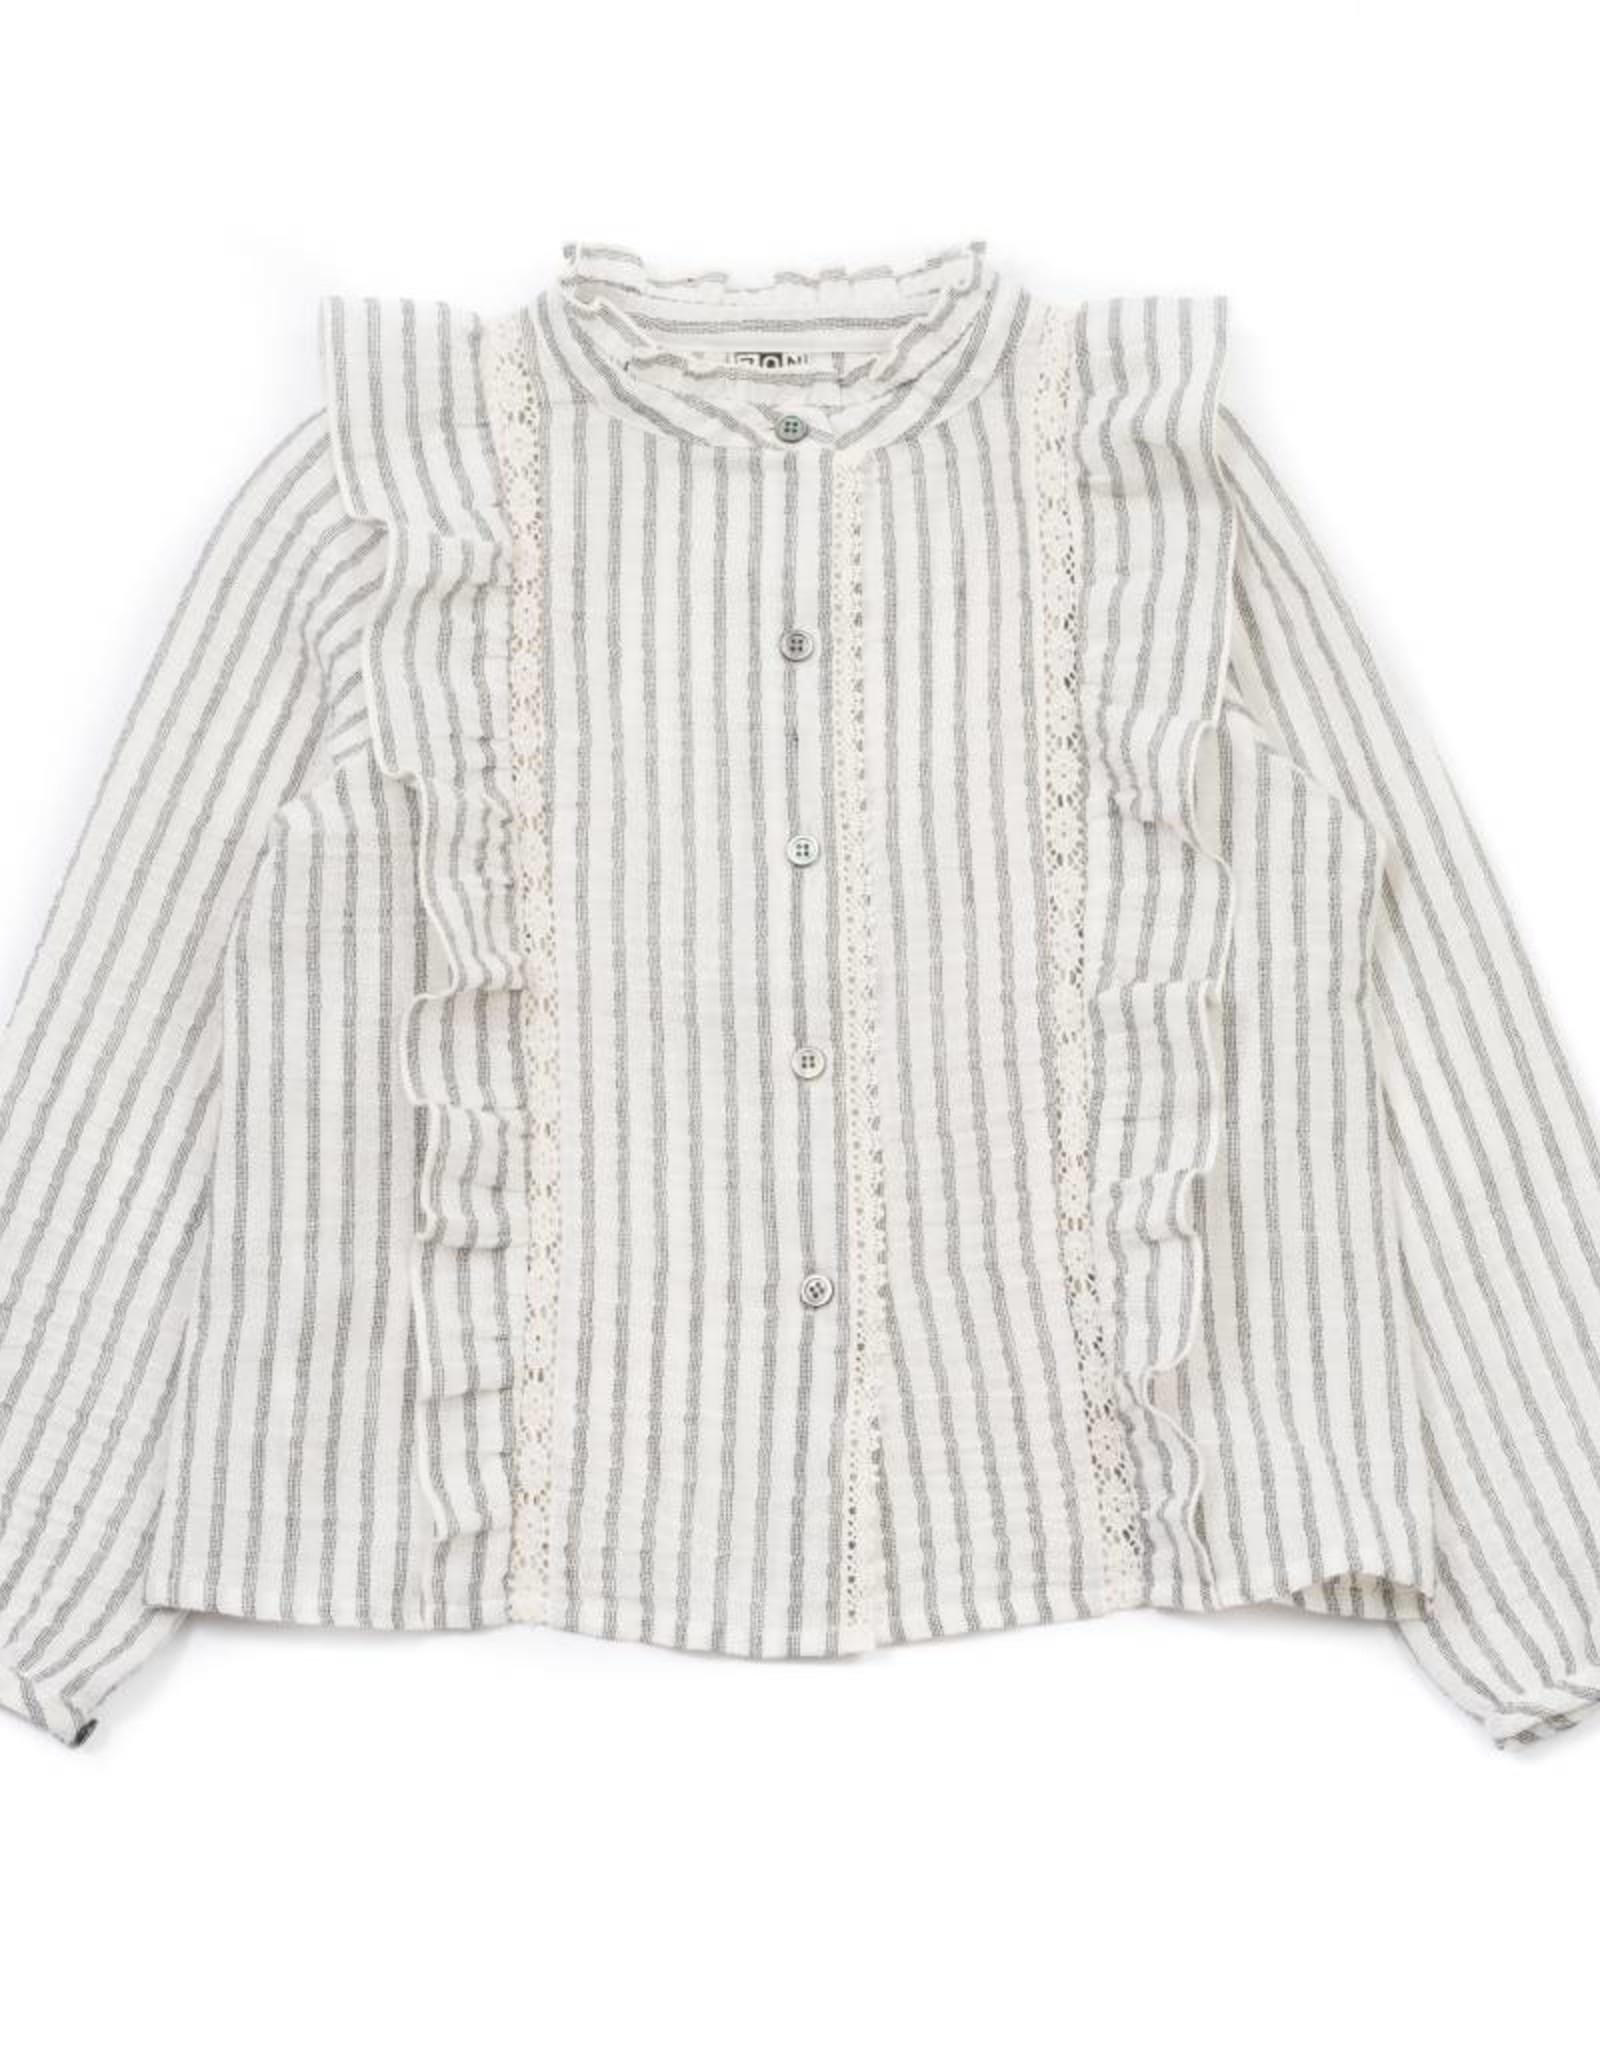 Bonton Napolita tunic, with stripes